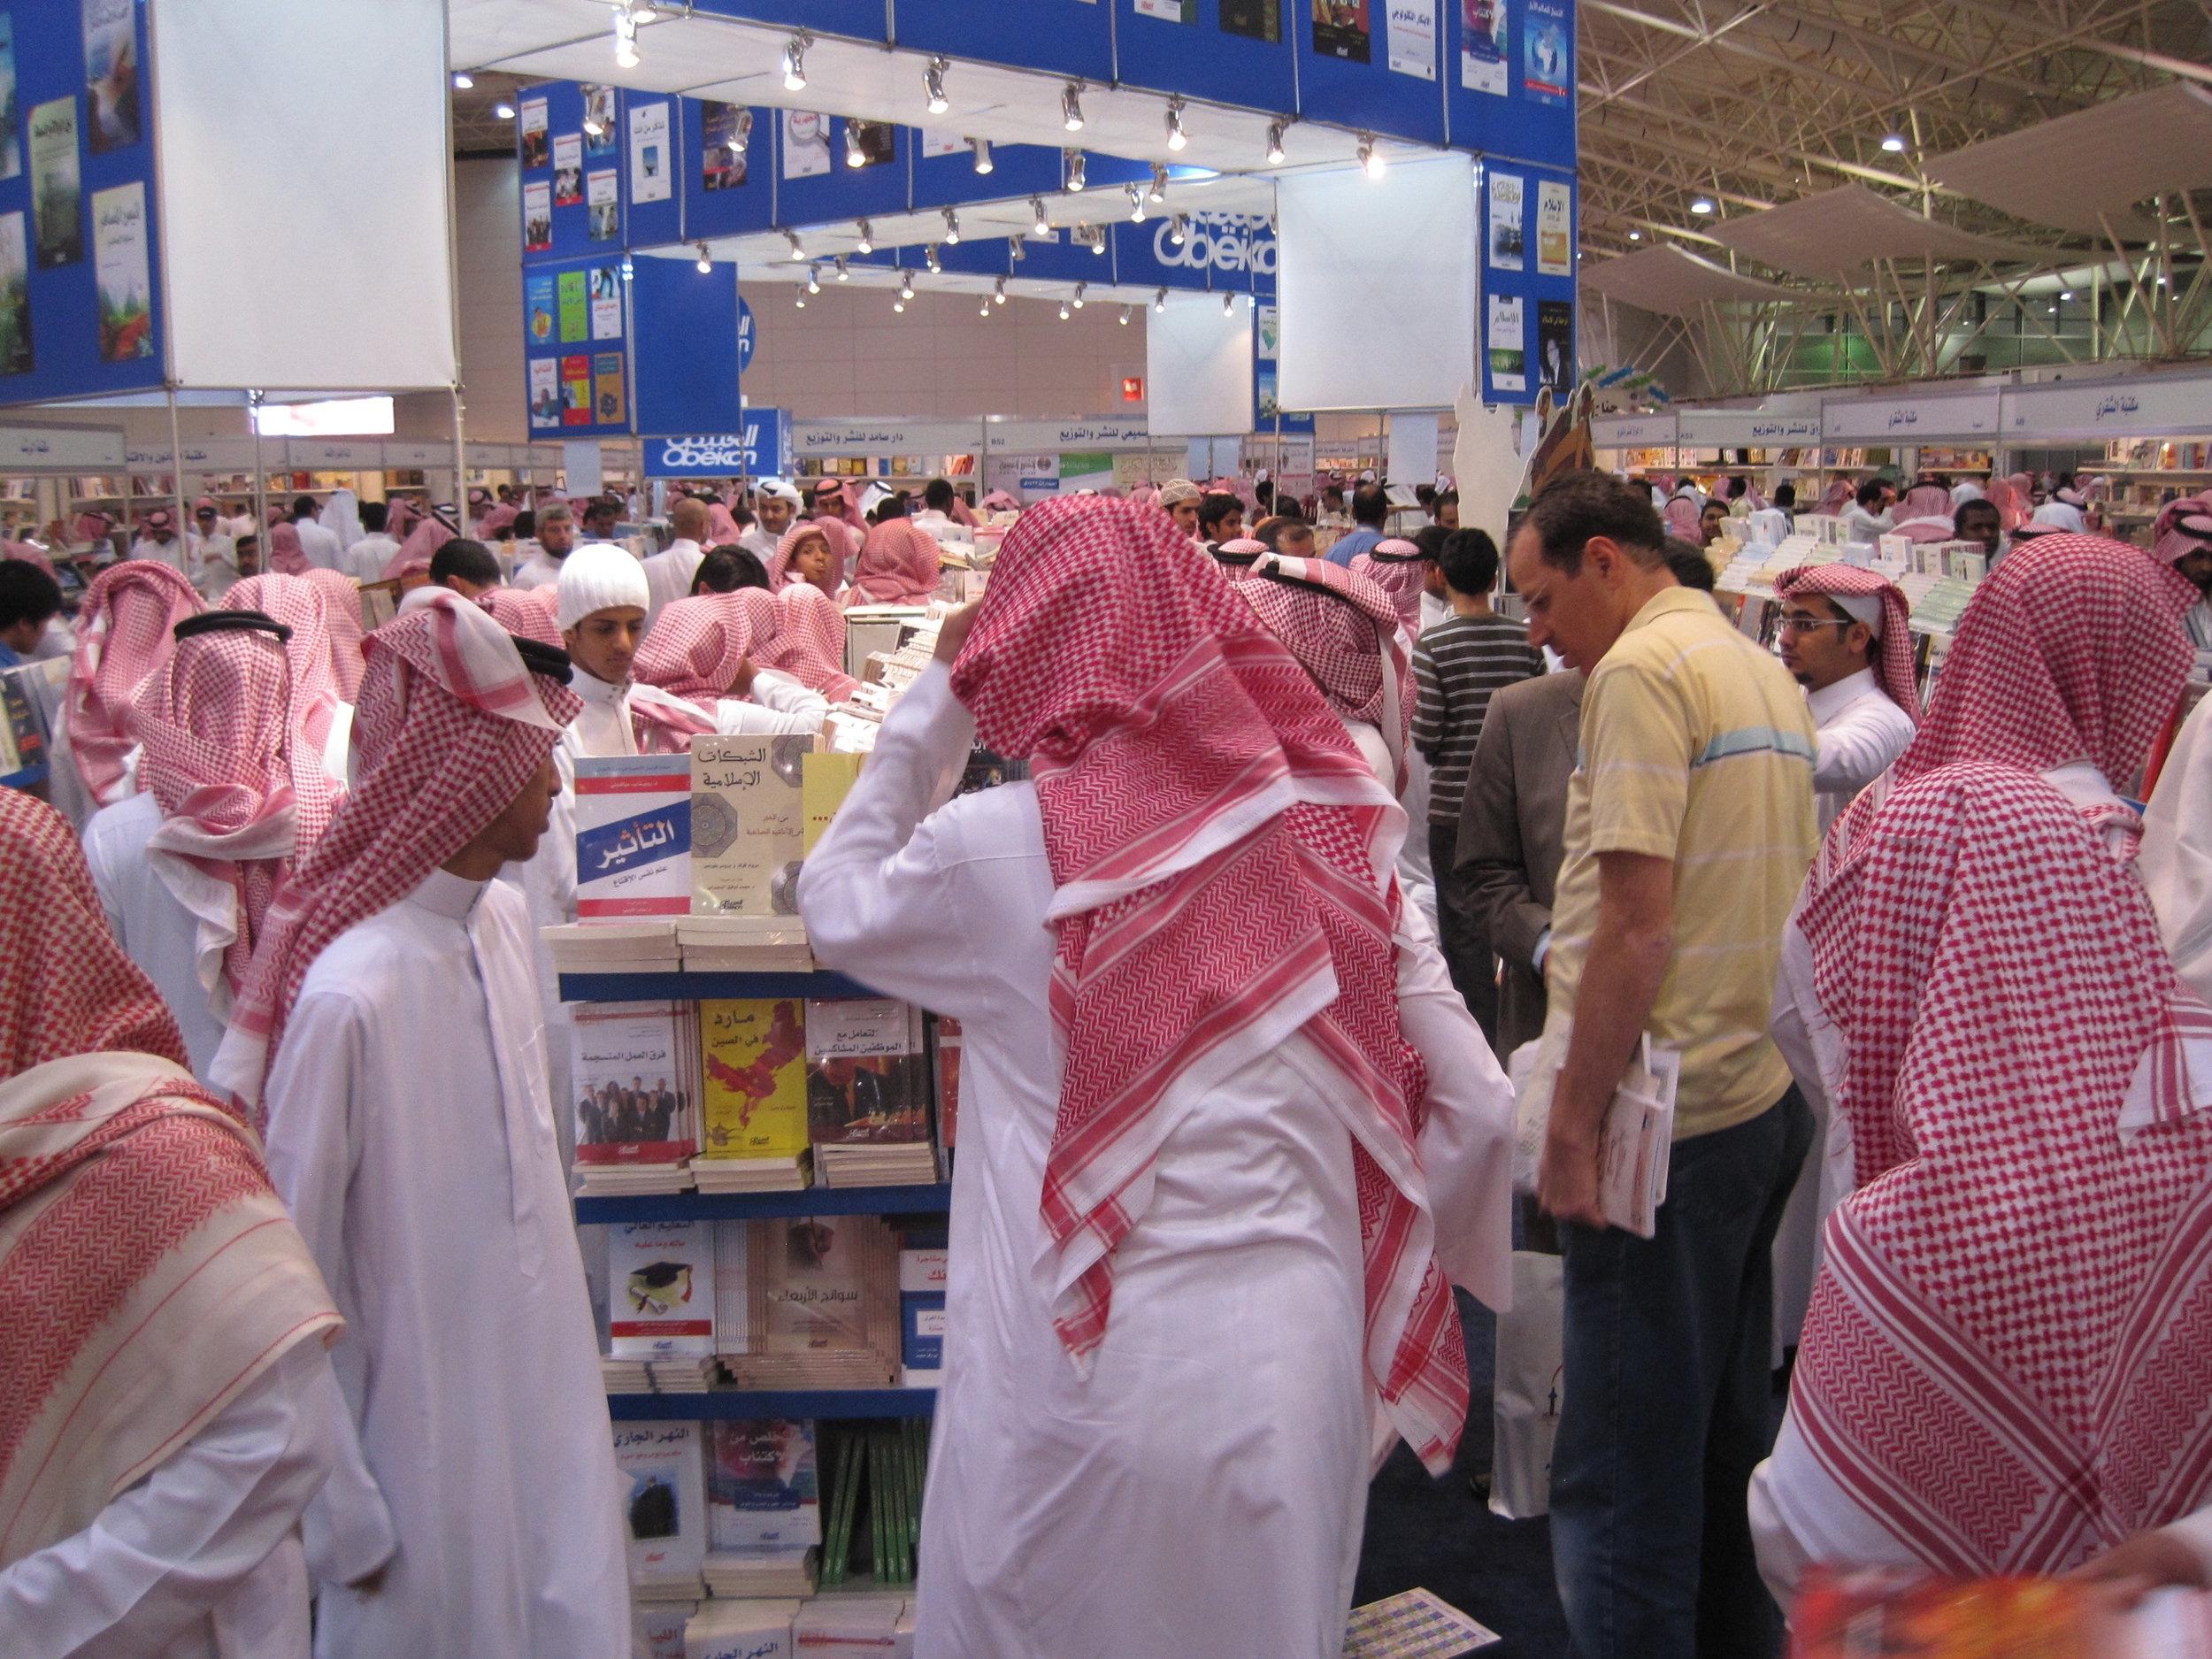 På Bokmässan i Riyadh mars 2011, där bara manliga kunder var välkomna på vuxnavdelningen. Foto: Per Luthander